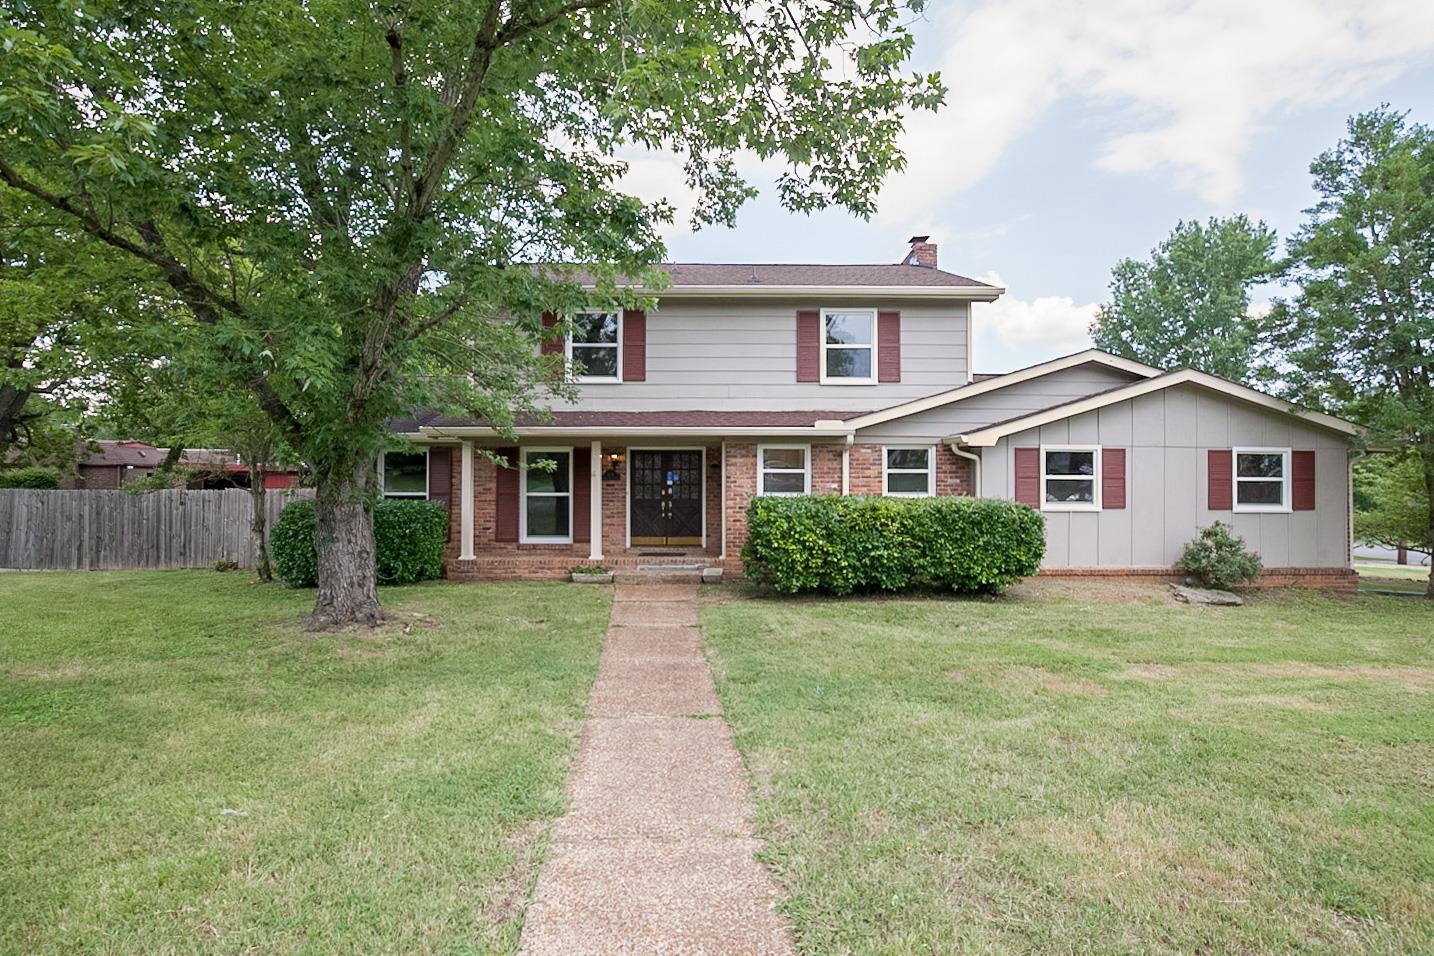 124 Timber Ridge Dr, Nashville, TN 37217 - Nashville, TN real estate listing